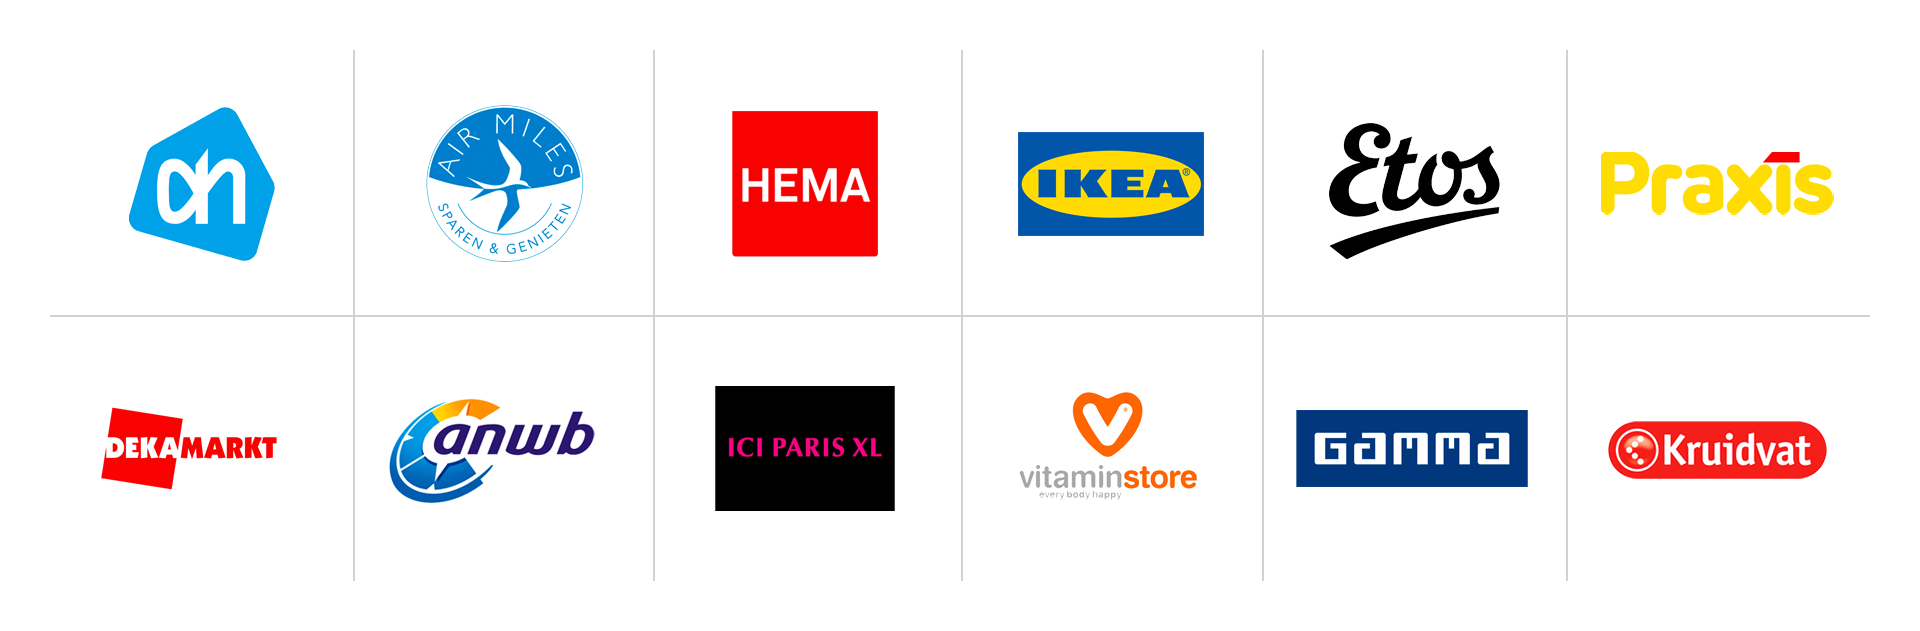 OK-app klantenkaarten